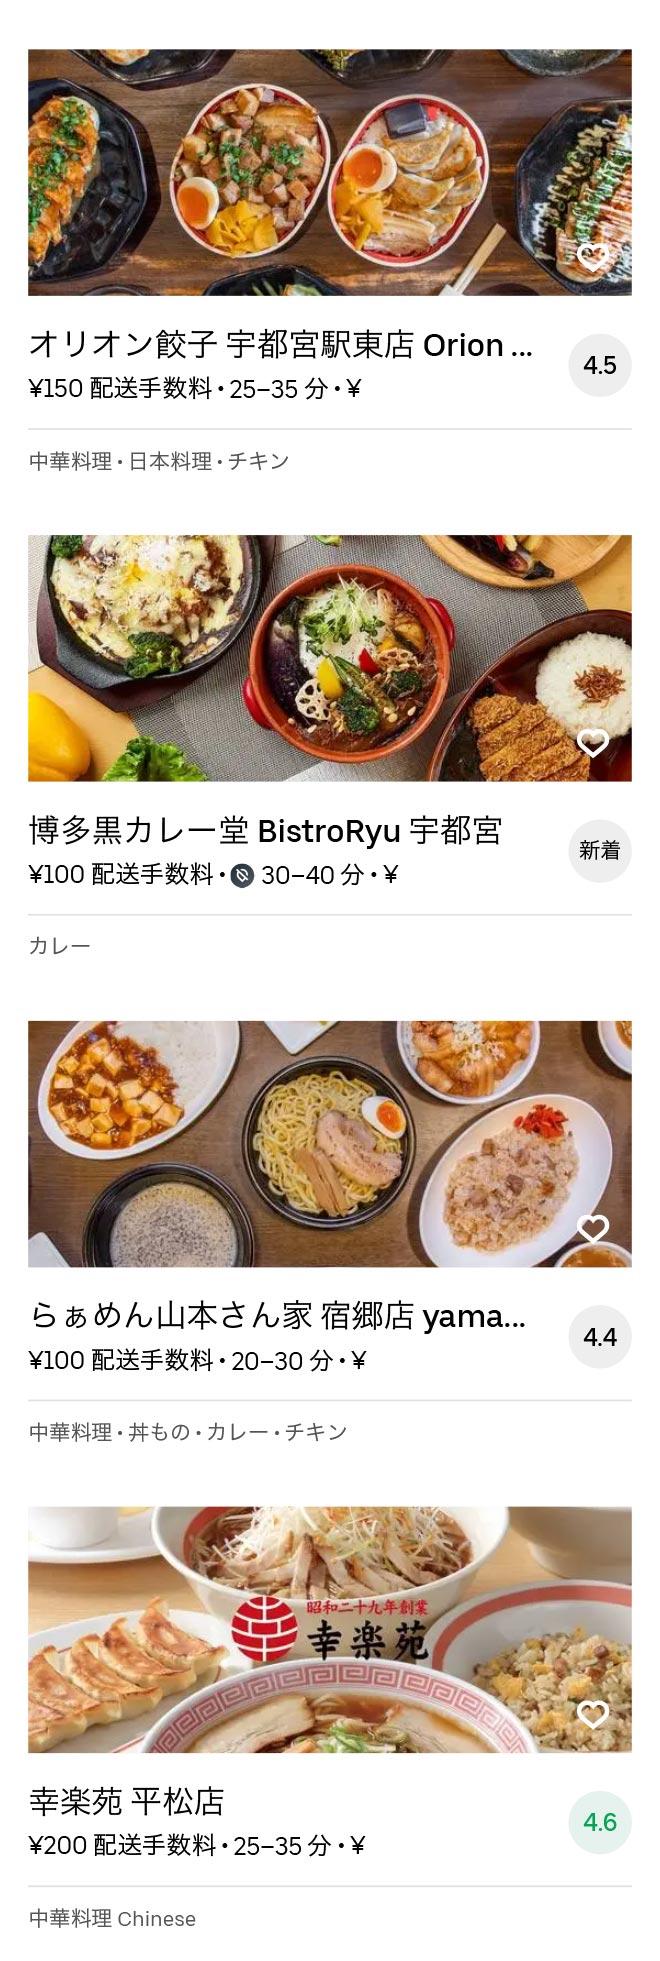 Tobu utsunomiya menu 2010 09